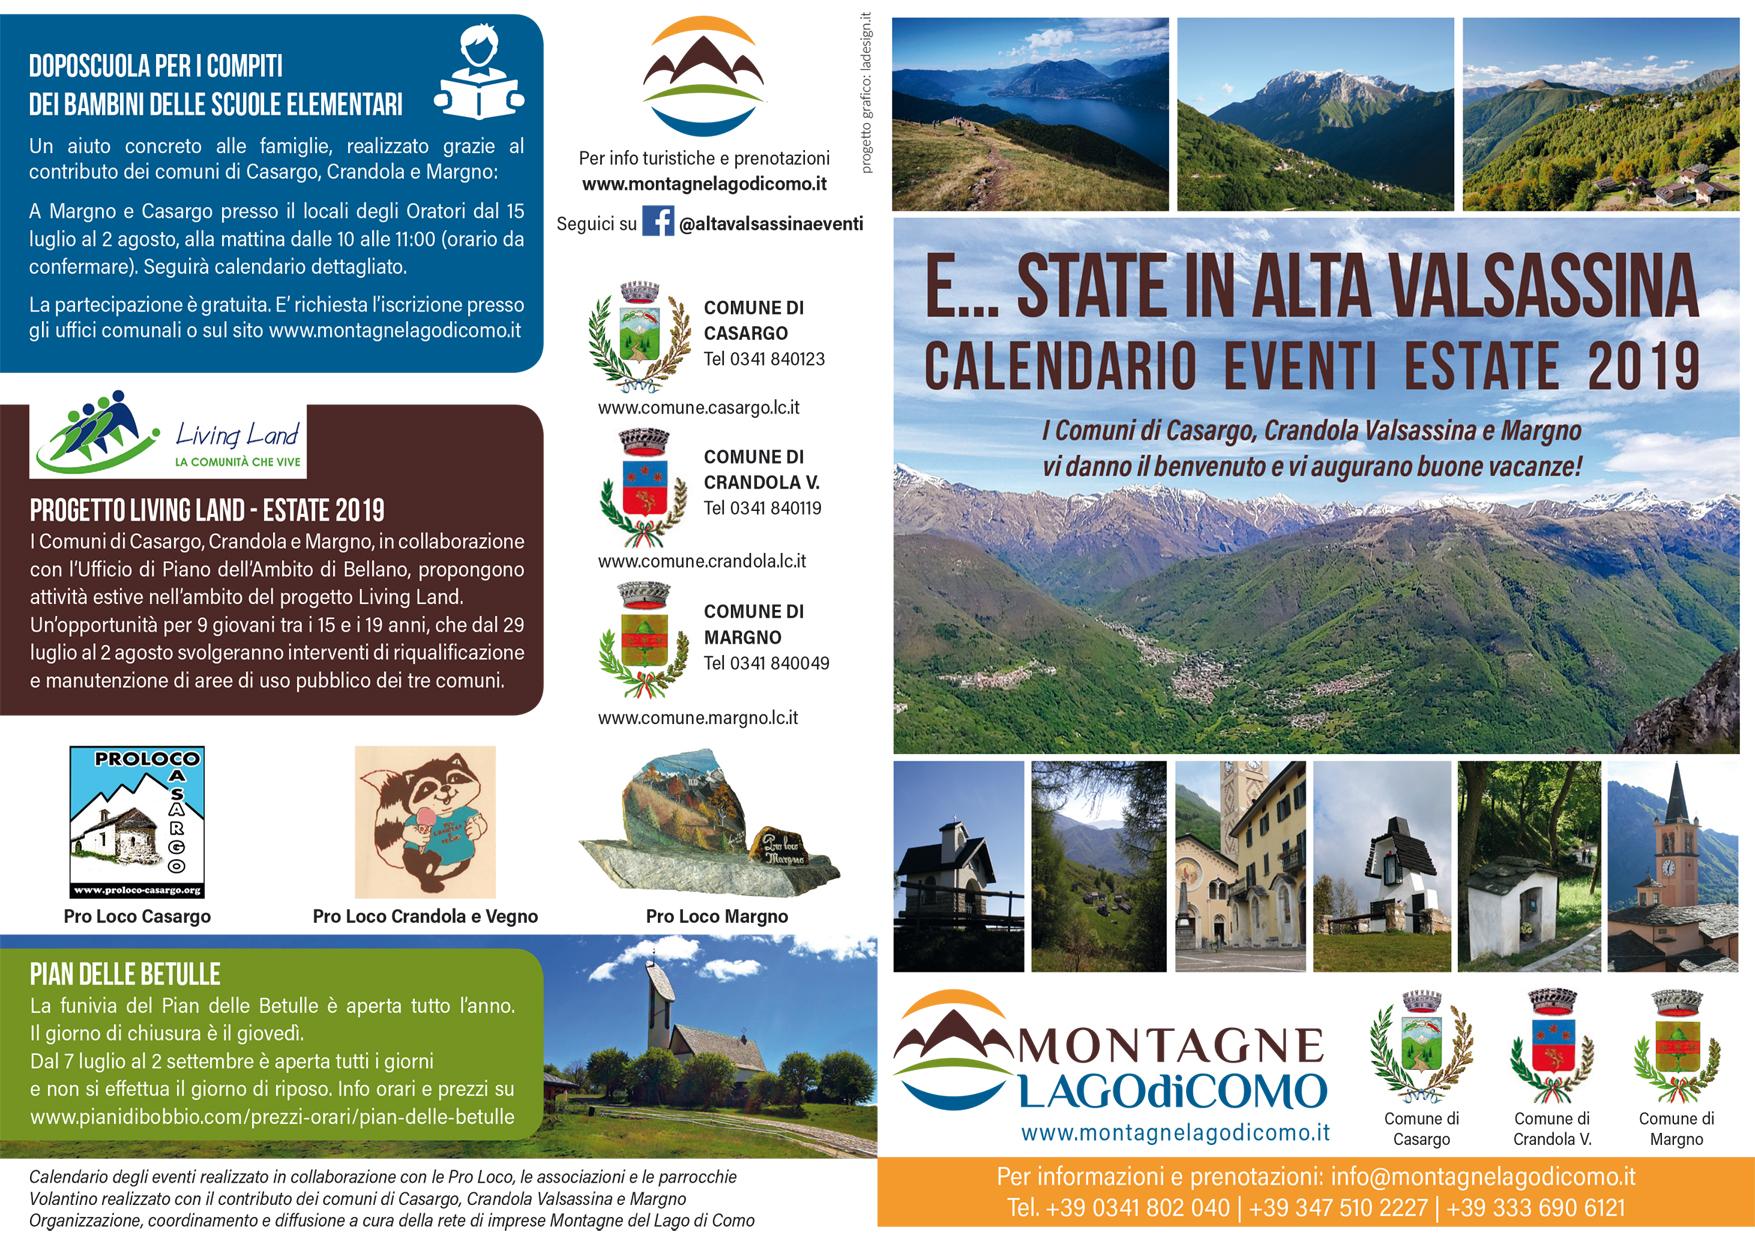 Progetto E... STATE 2019 in Alta Valsassina